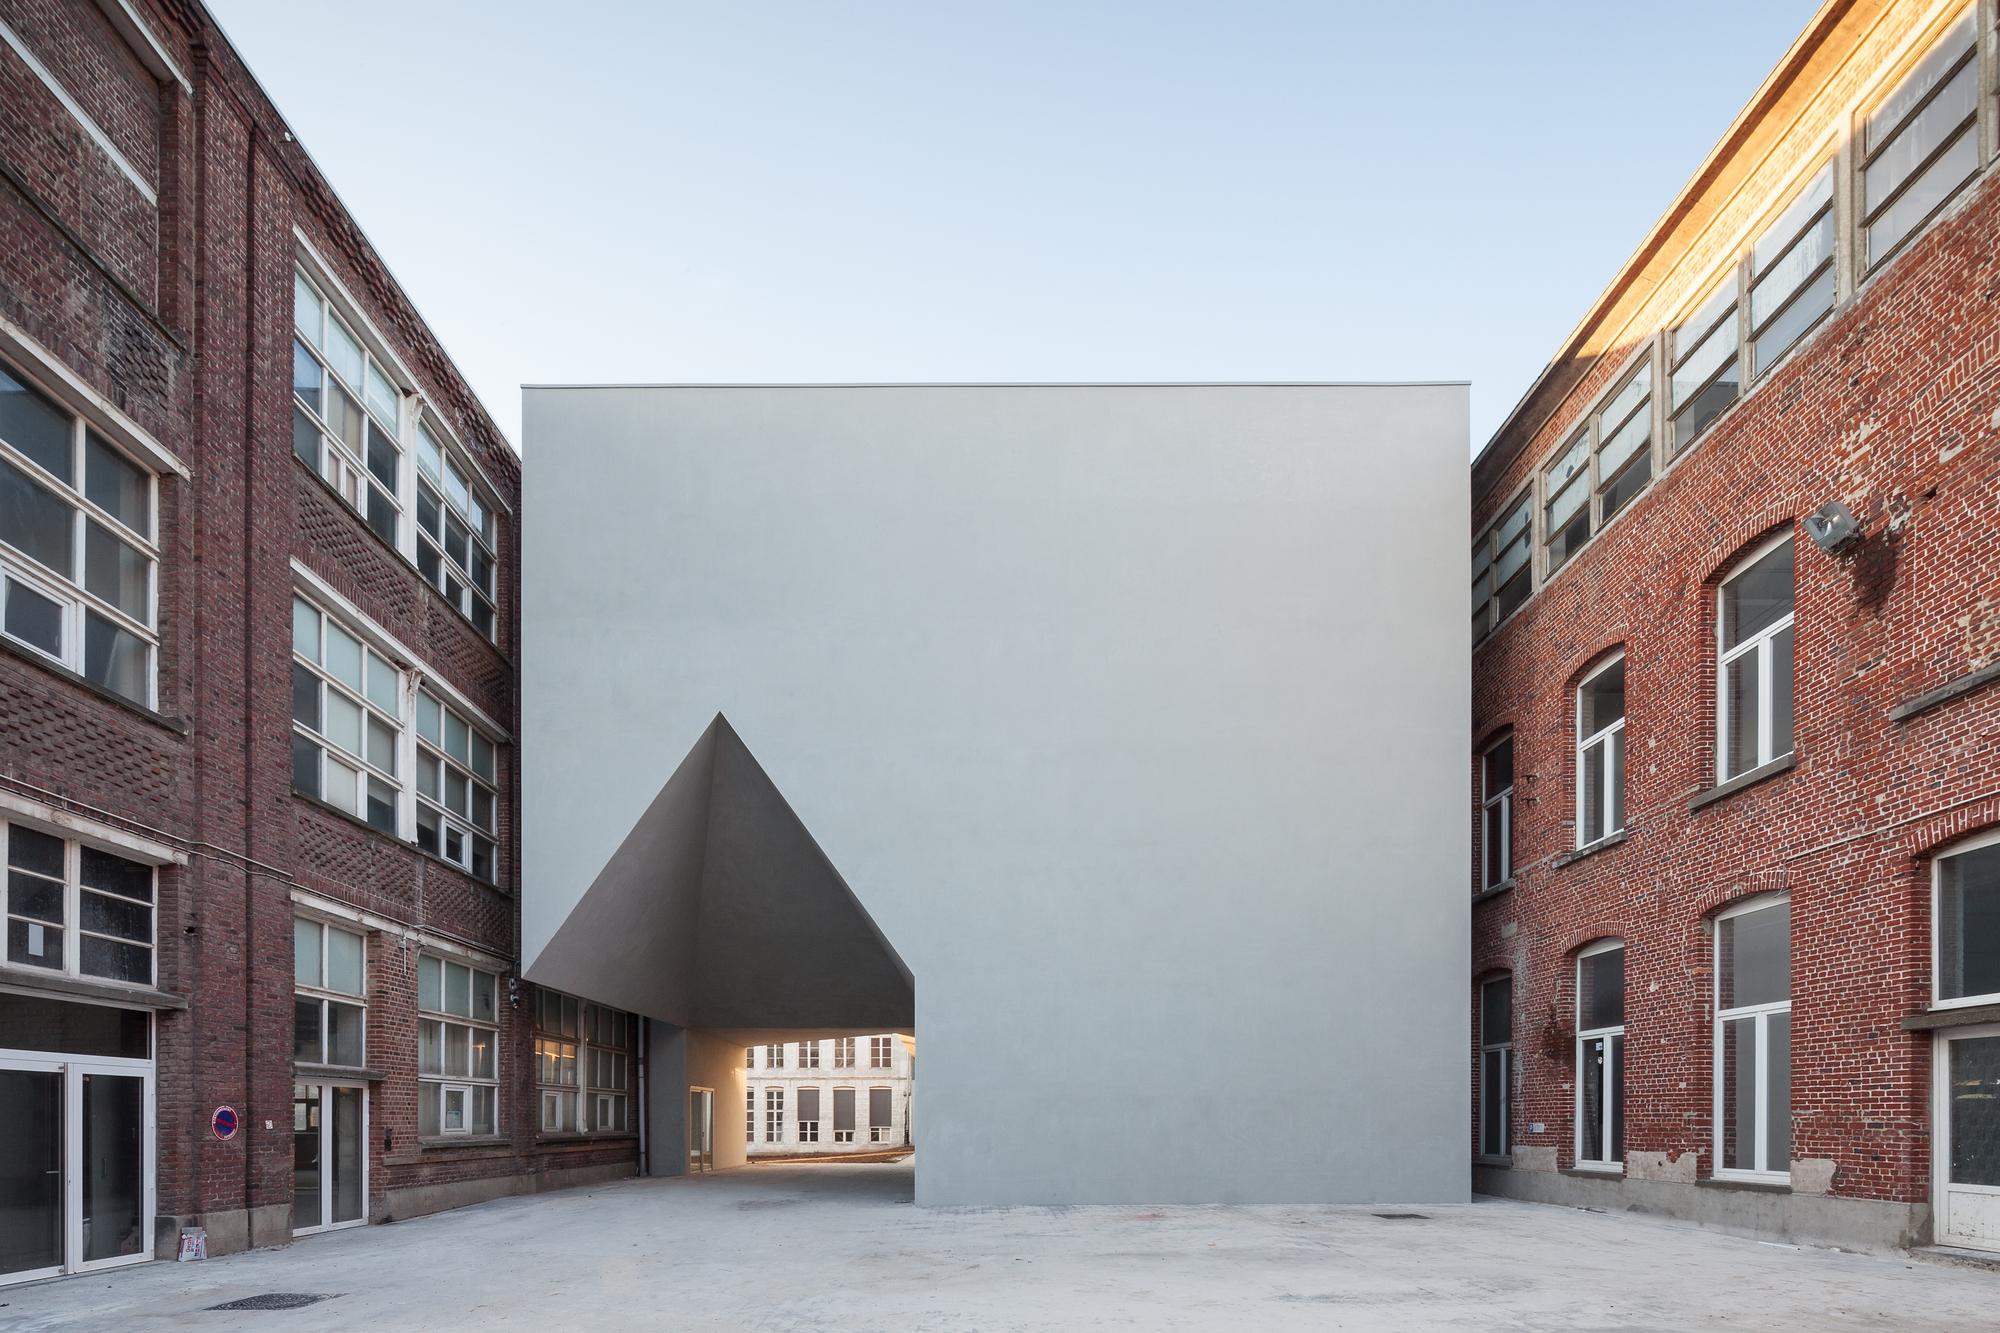 Faculdade de Arquitetura em Tournai / Aires Mateus